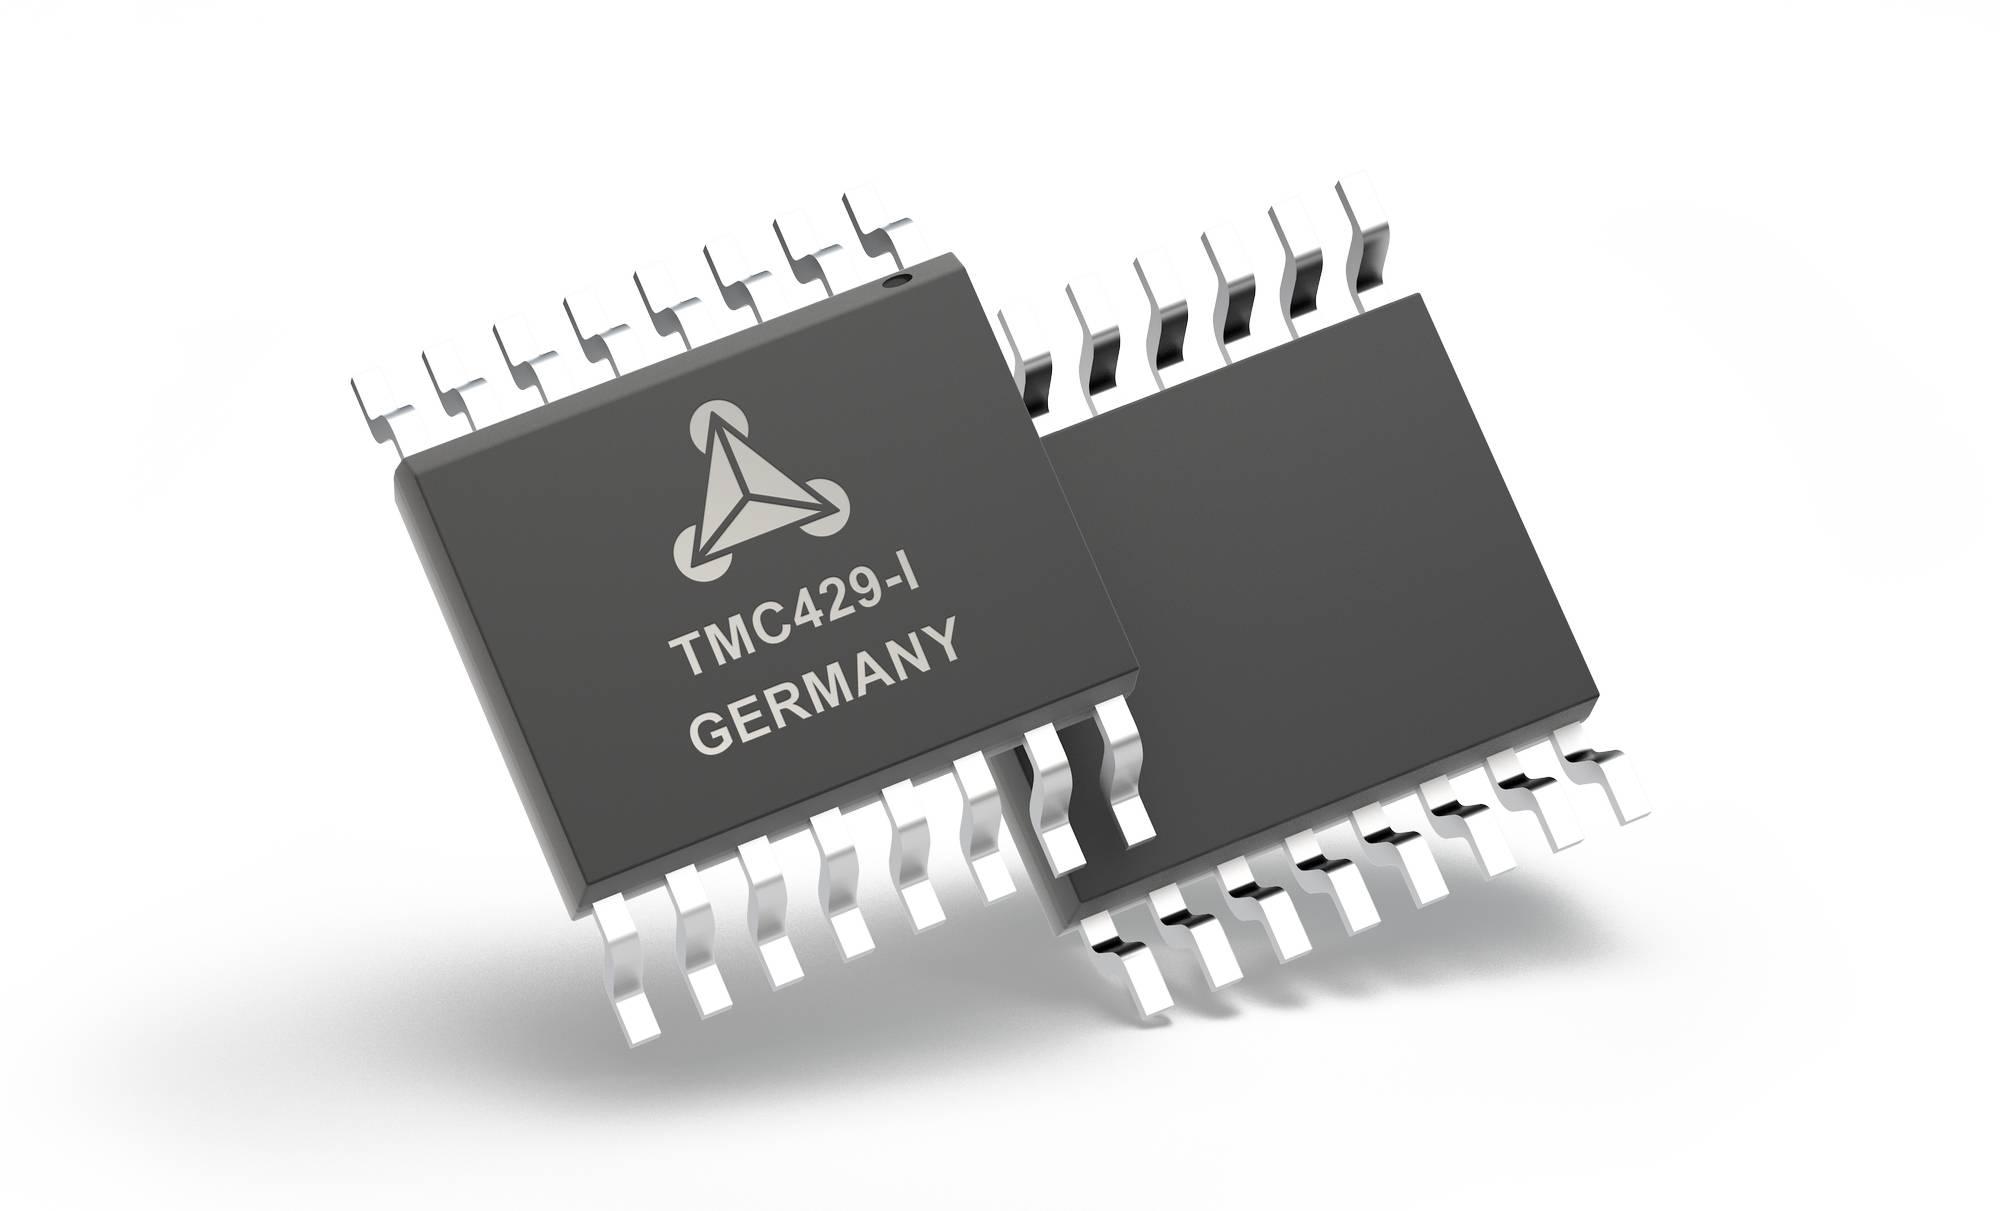 TMC429-I